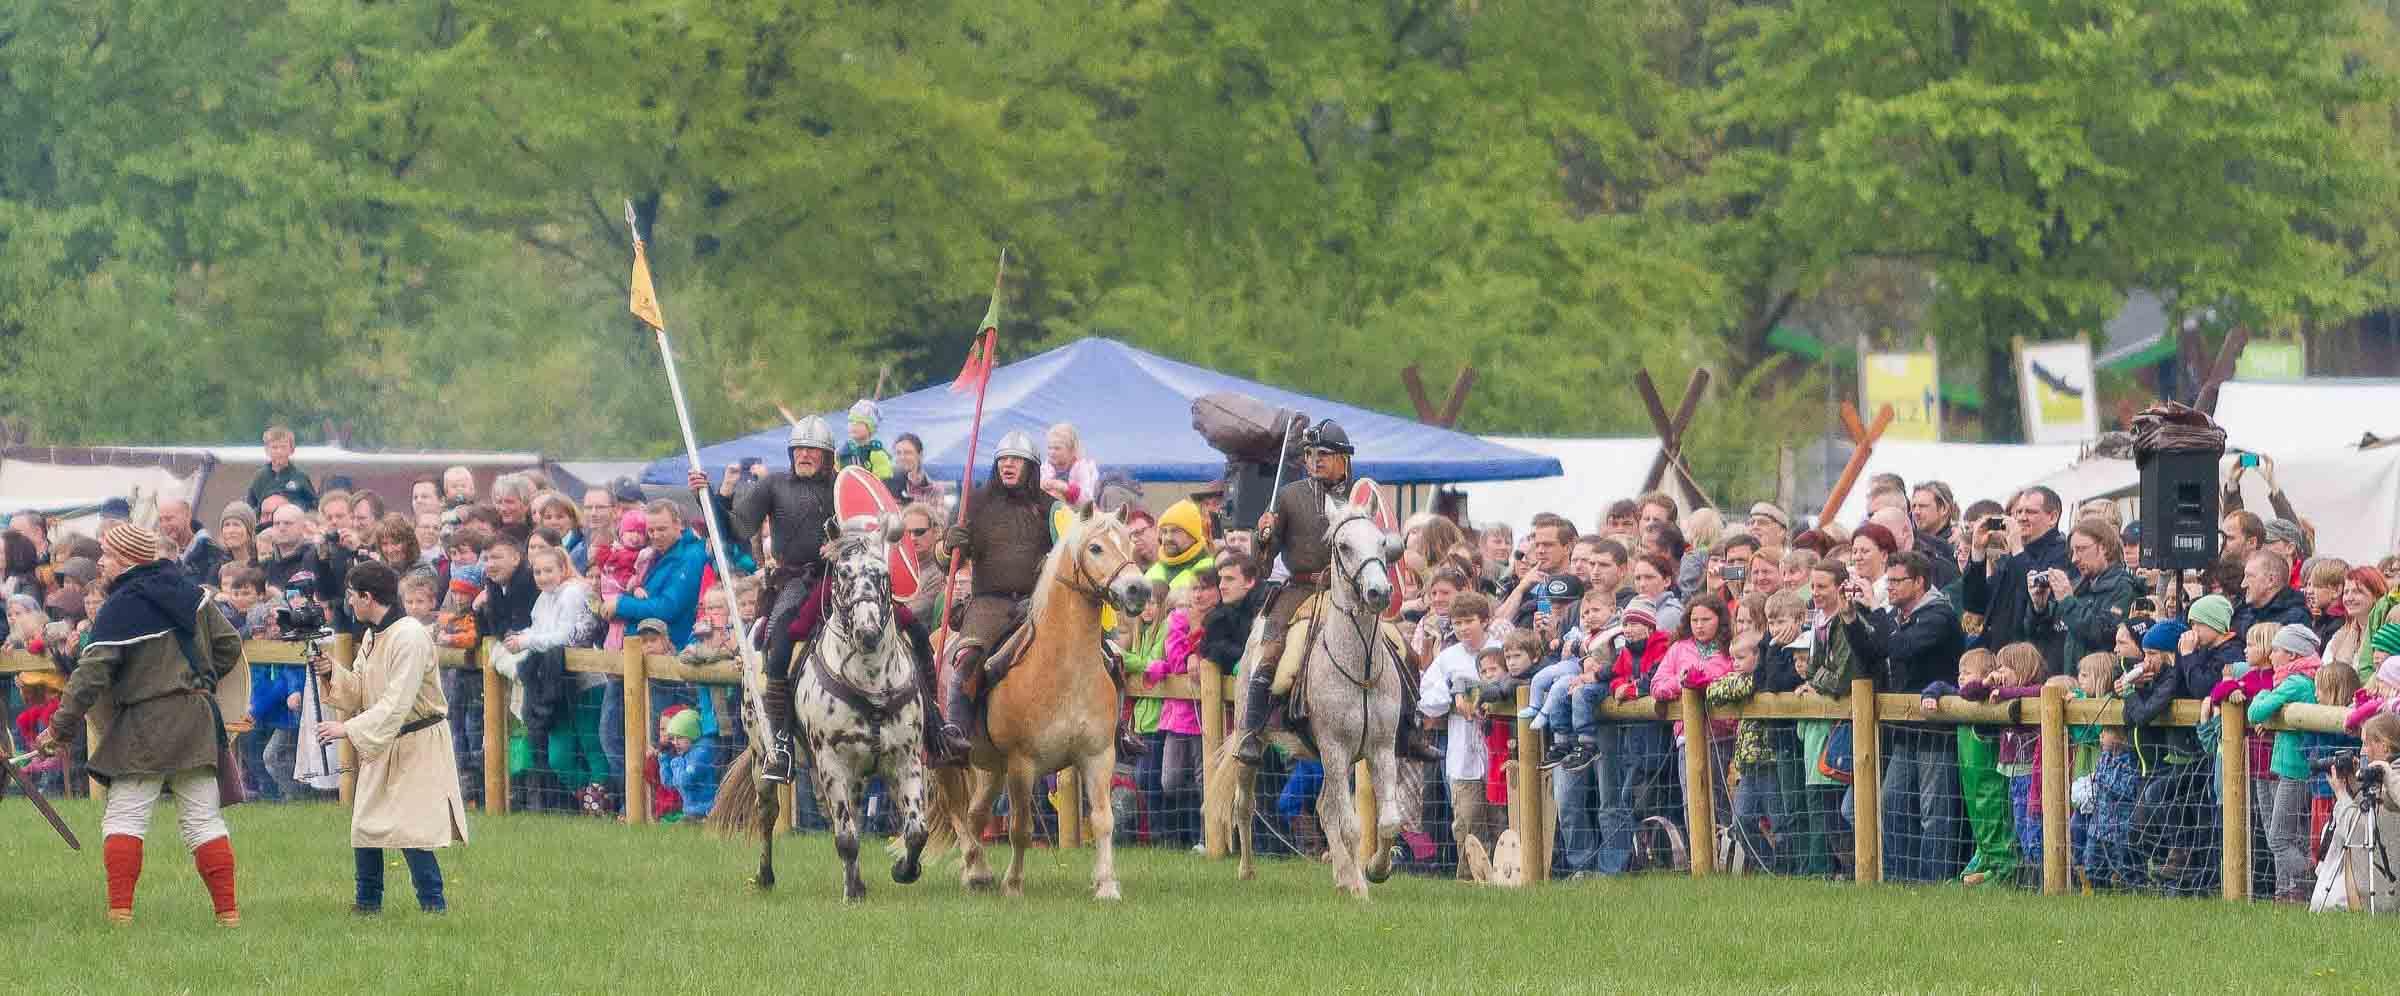 Schlachtenlärm statt Blätterrauschen – im Erlebniswald Trappenkamp wogte zum zweiten Mal die historische Schlacht zwischen Sachsen und Slawen auf dem Suentanafeld hin und her